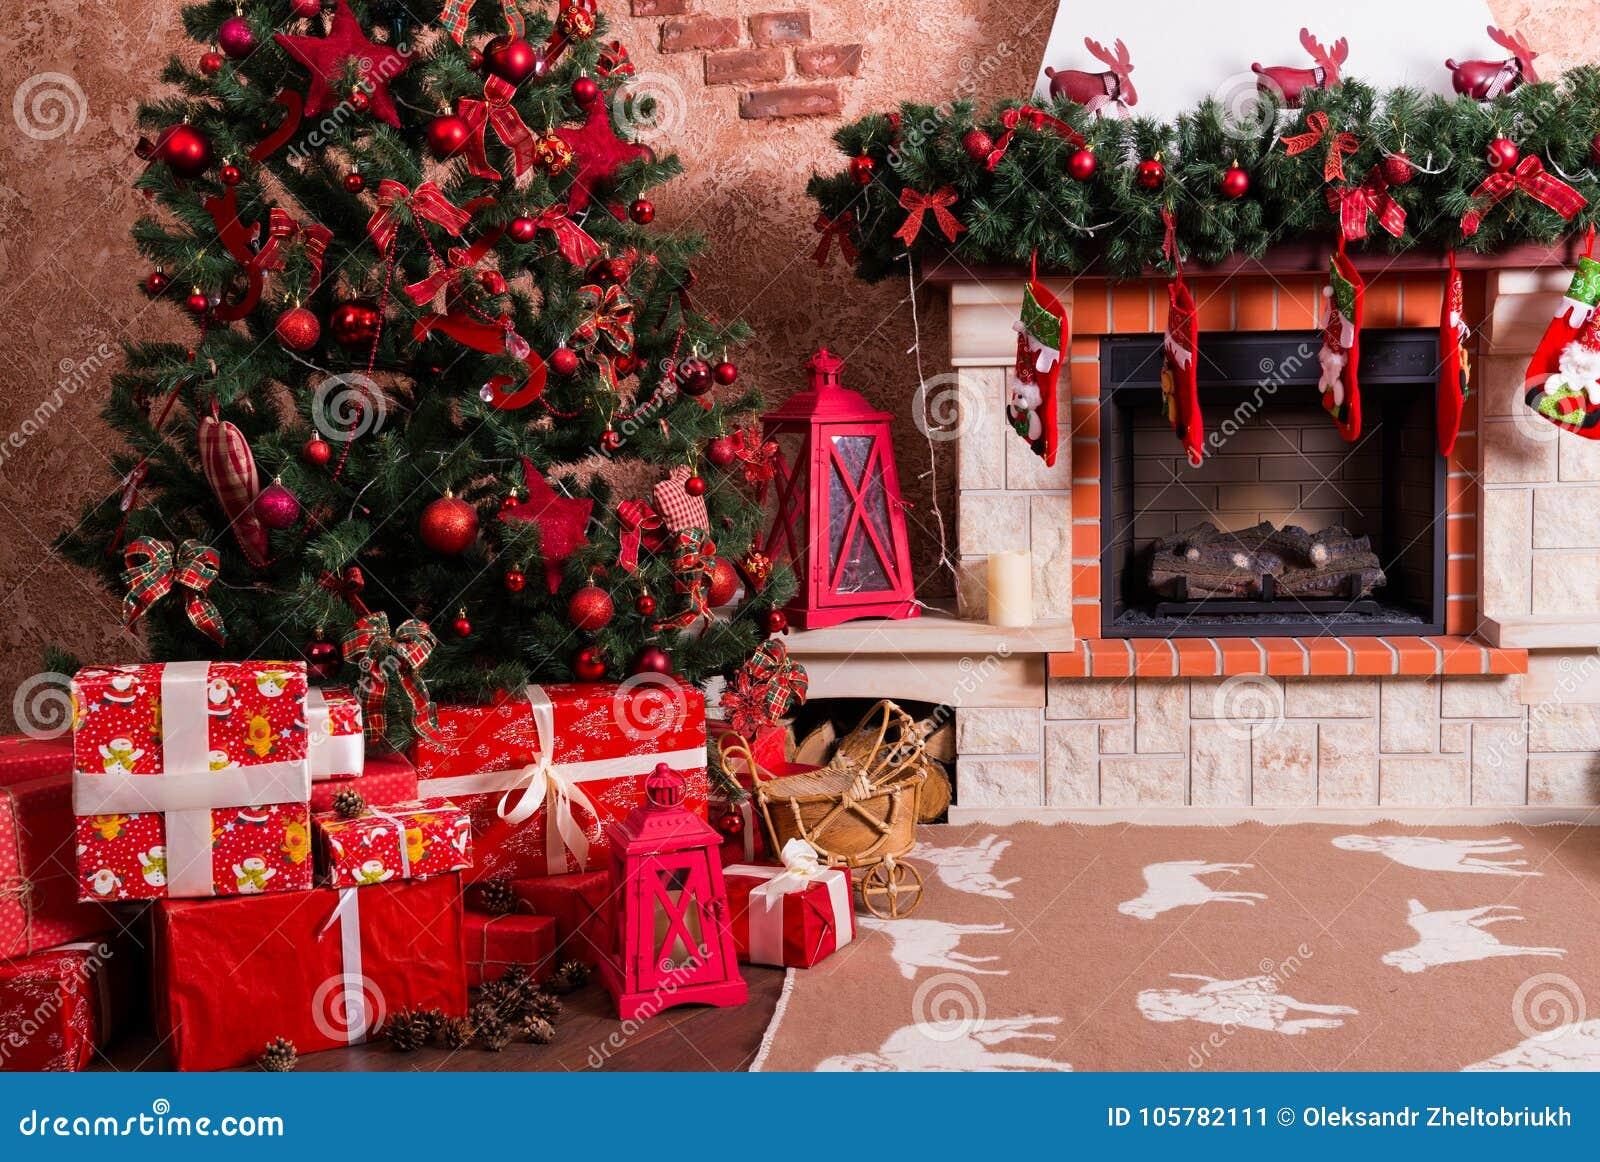 Muitas caixas com os presentes sob a árvore de Natal